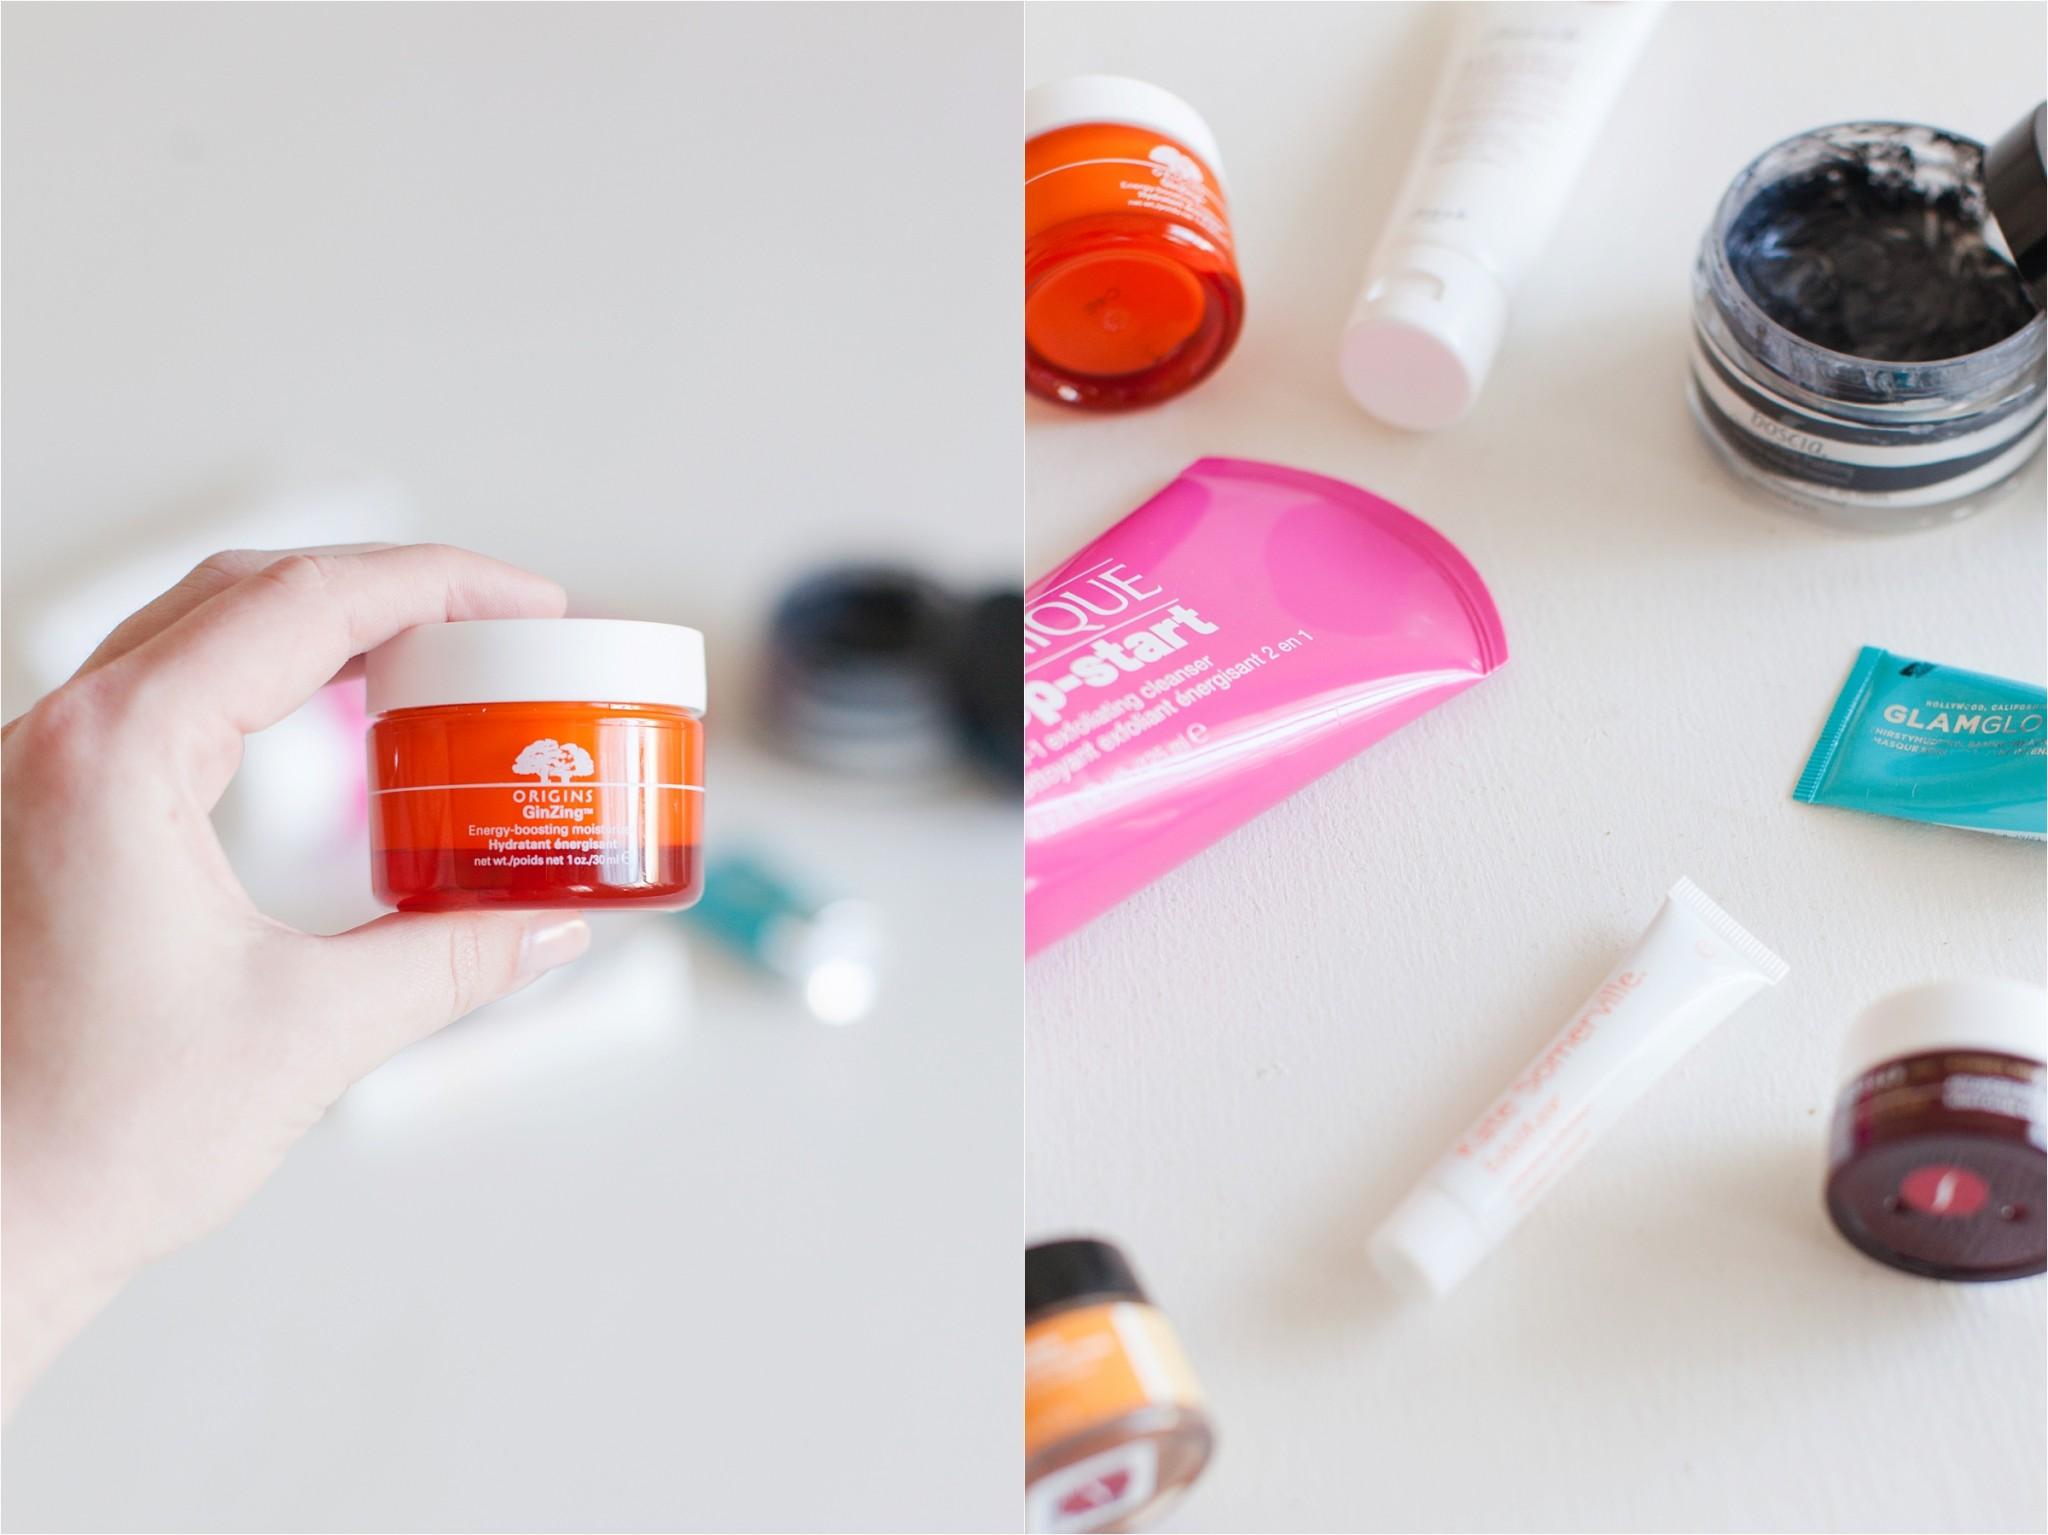 Origins skincare products